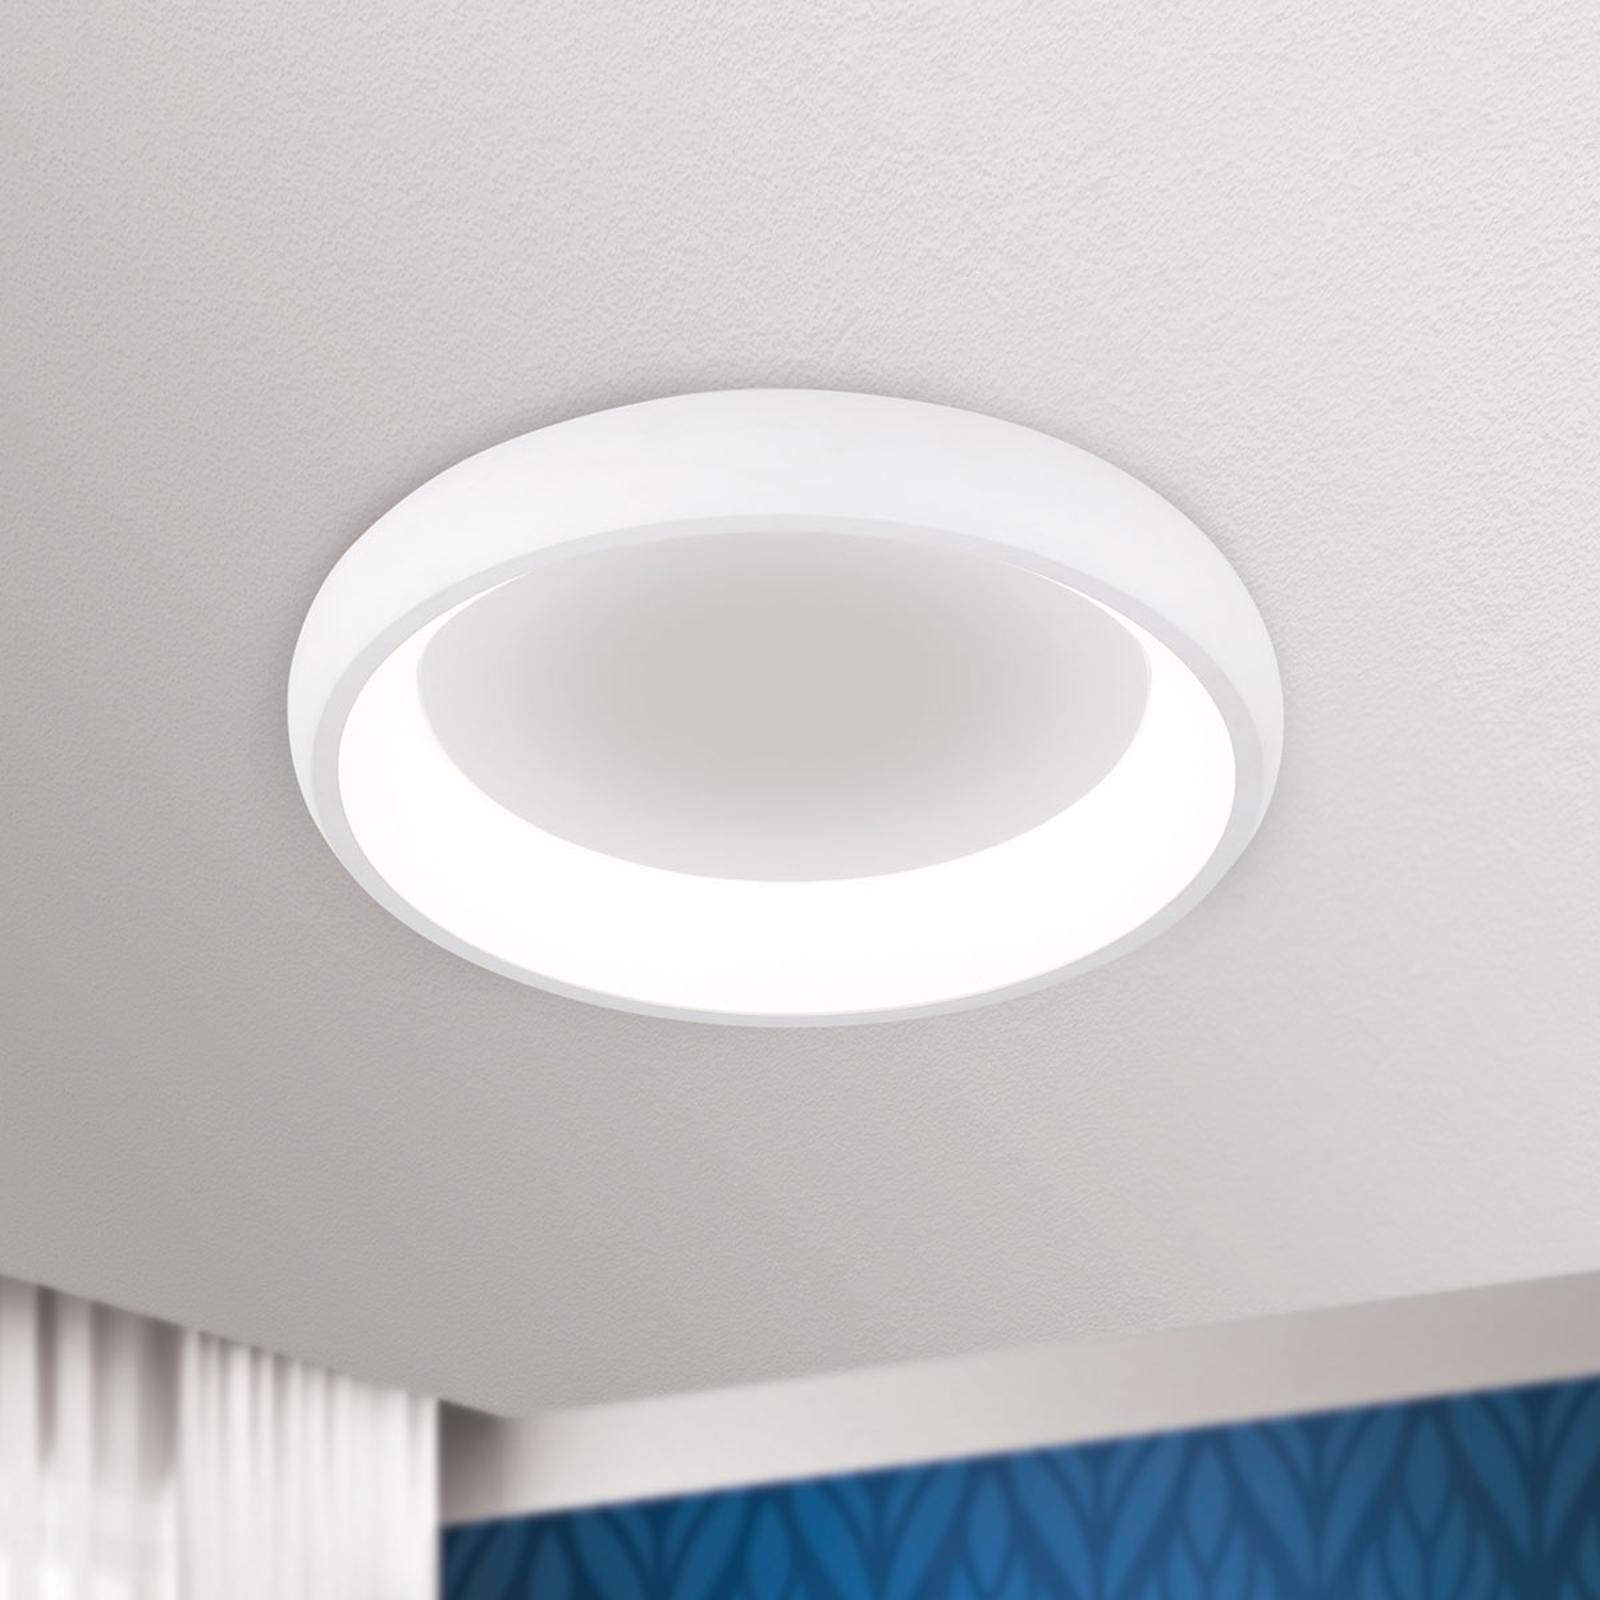 Lampa sufitowa LED Venur wew. wylot światła, 41cm